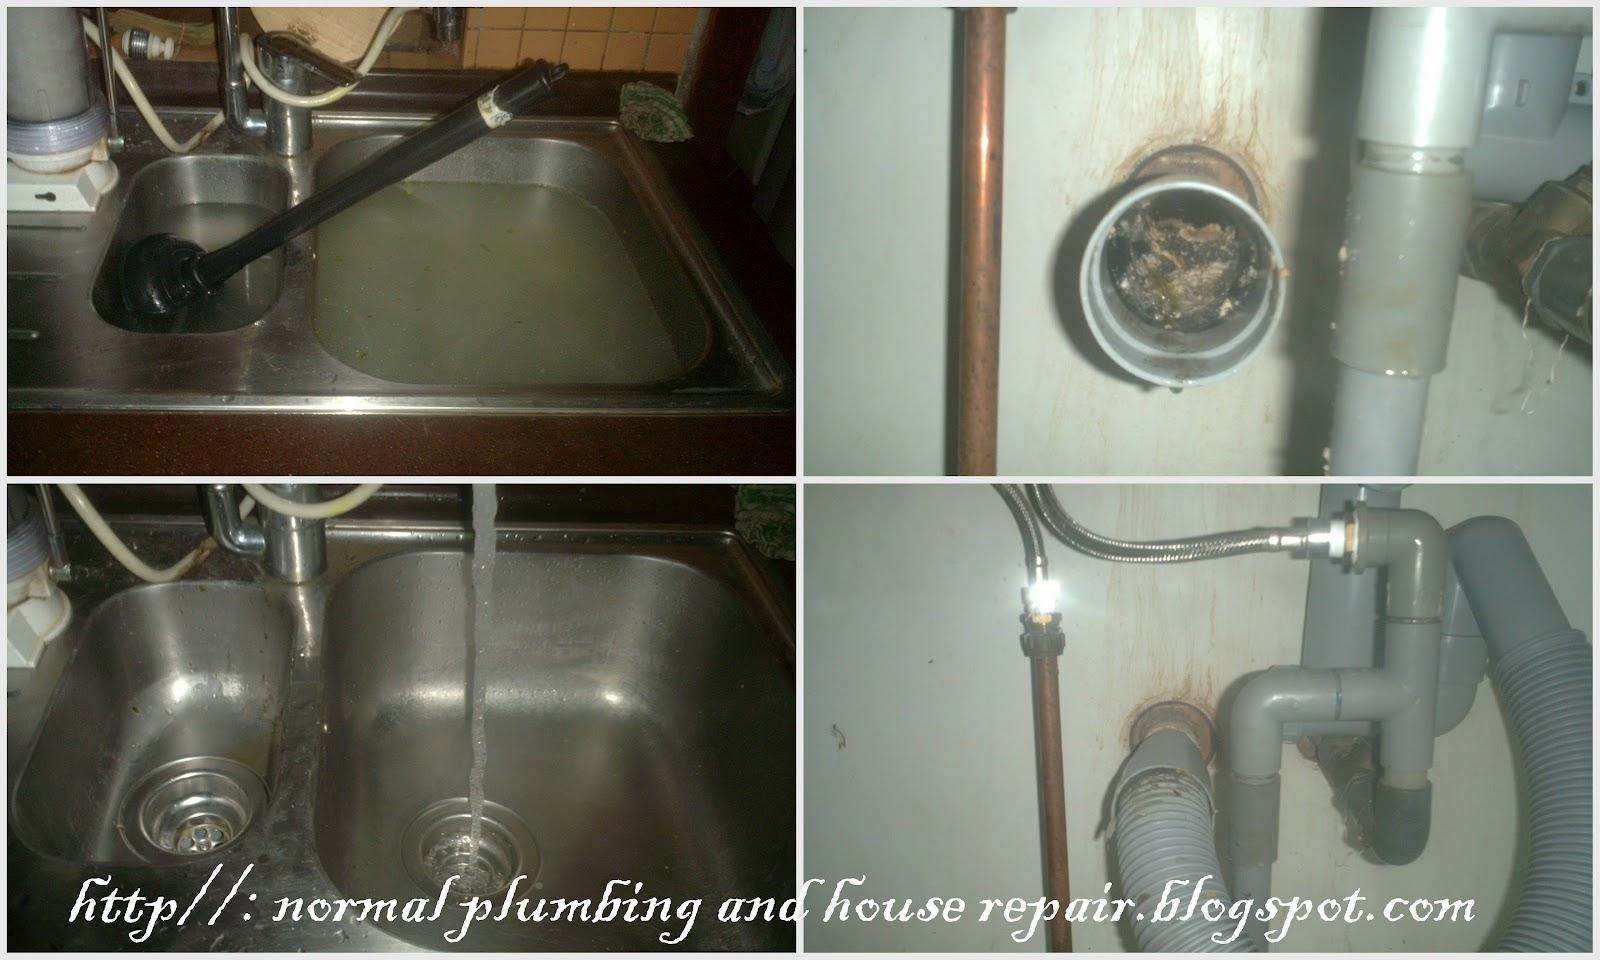 Gambar Diatas Sebelah Kiri Menunjukkan Sinki Dapur Yang Dipenuhi Air Dan Puan La Telah Cuba Mengepam Keluar Dari Tersebut Tetapi Tidak